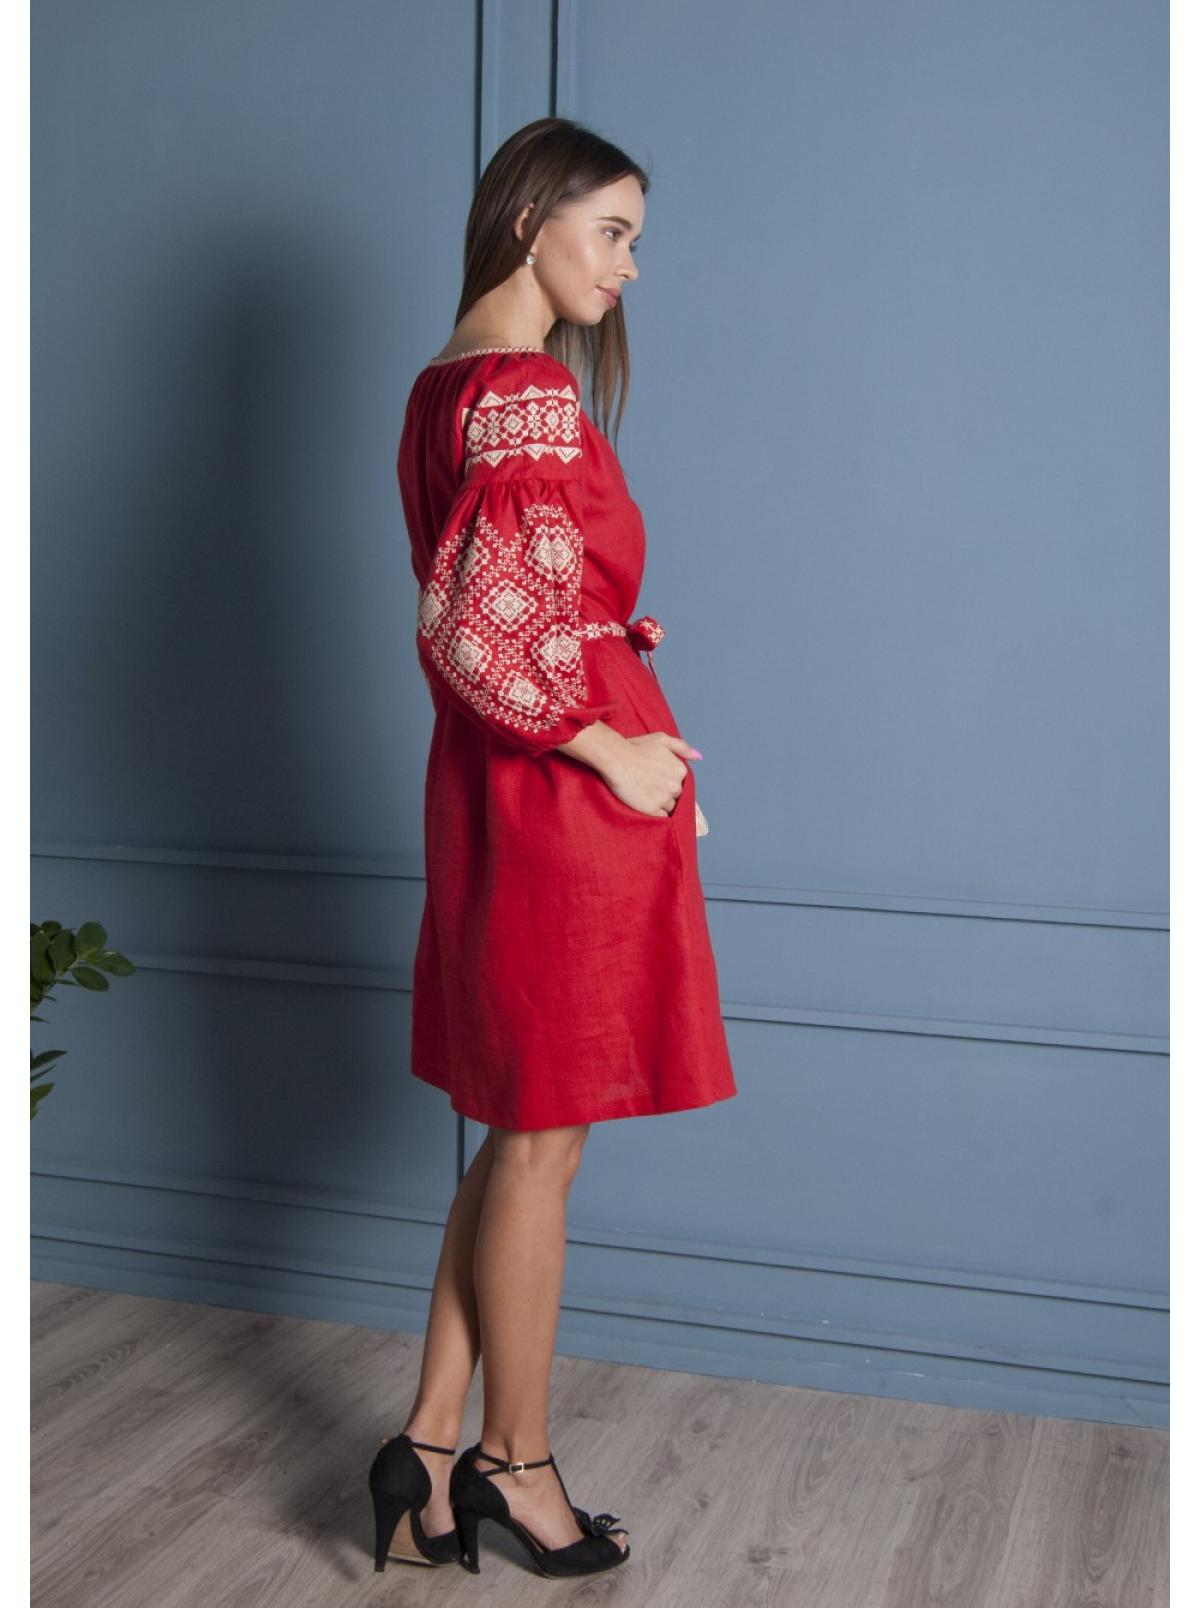 Червона лляна вишита сукня-міді. Фото №5. | Народний дім Україна